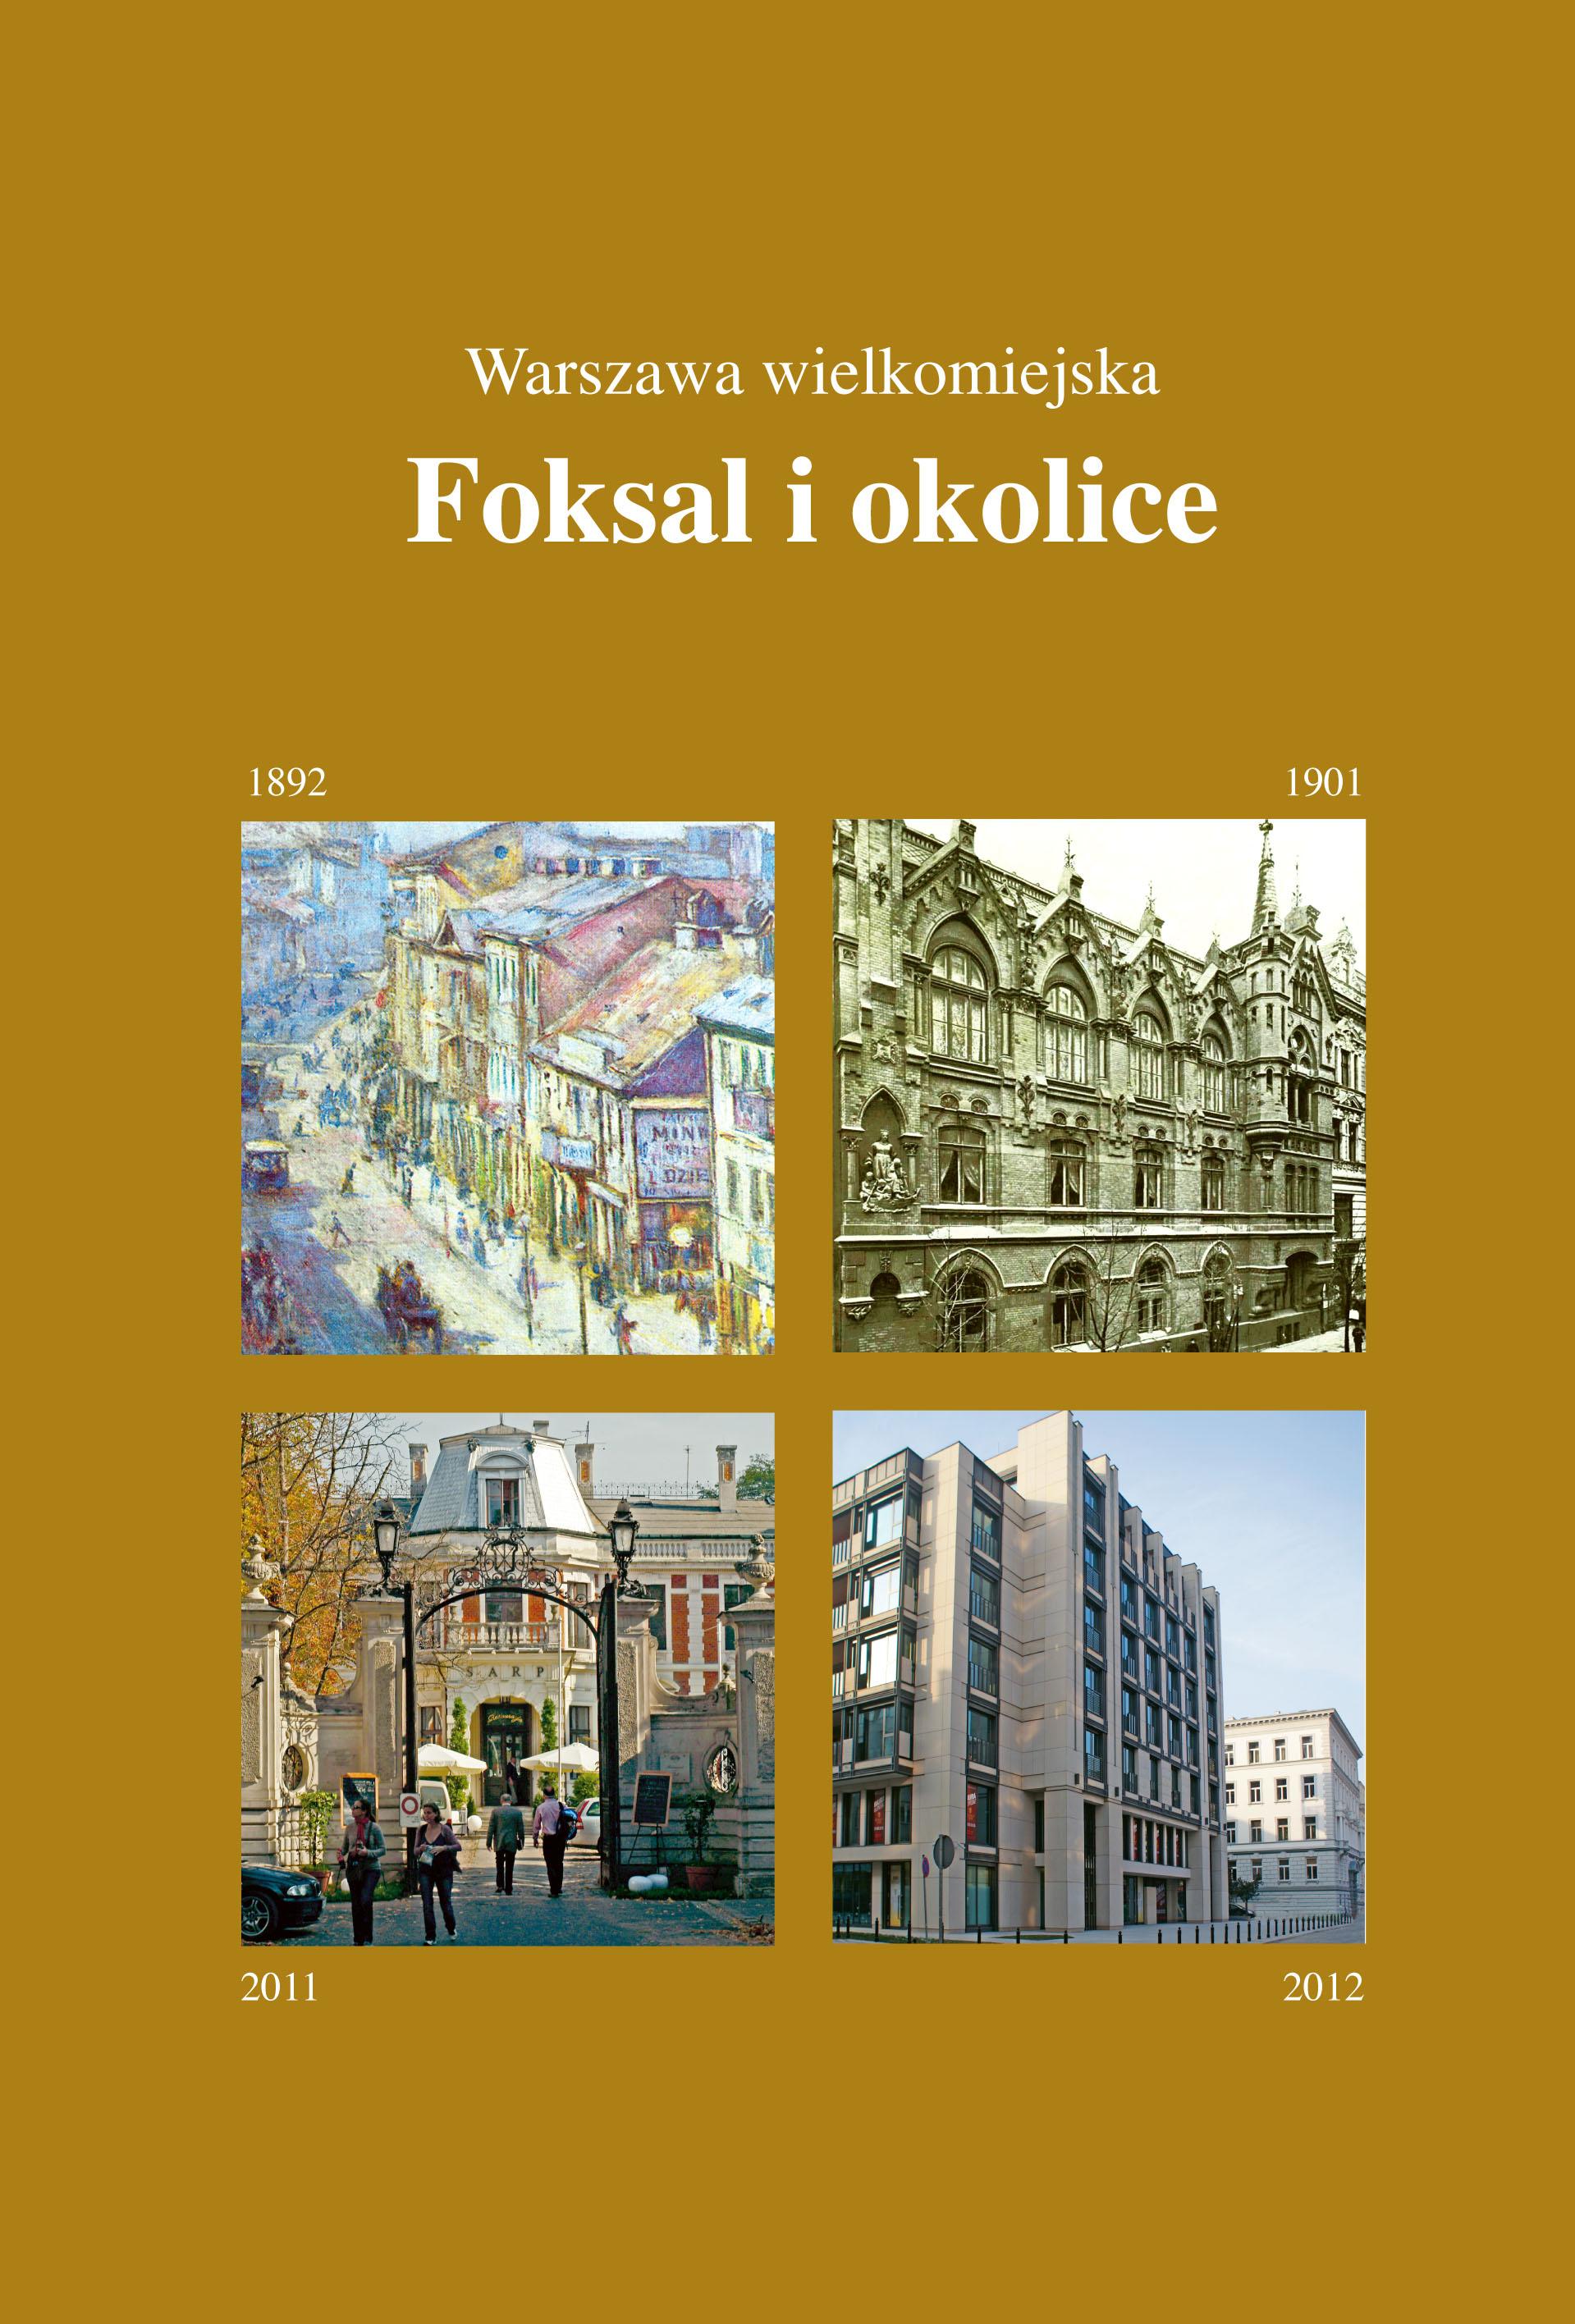 Foksal i okolice – Warszawa wielkomiejska